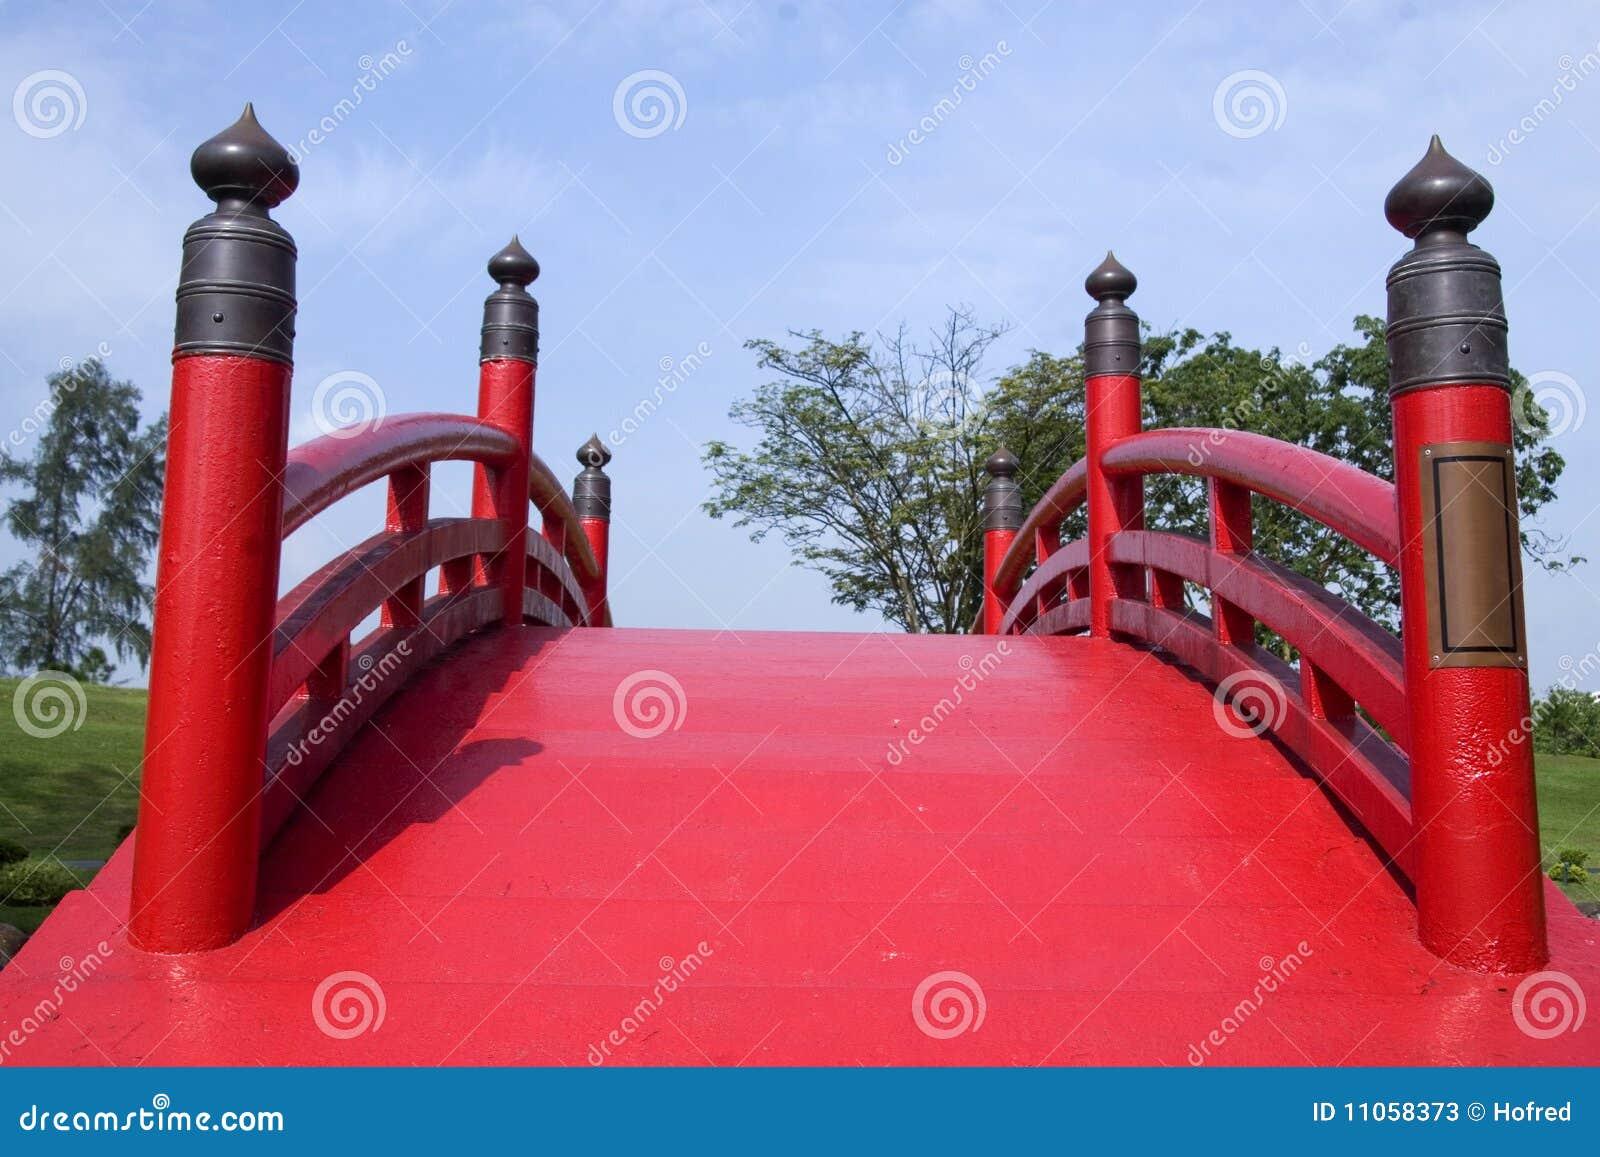 Japanese style bridge stock photos image 11058373 for Japanese style bridge